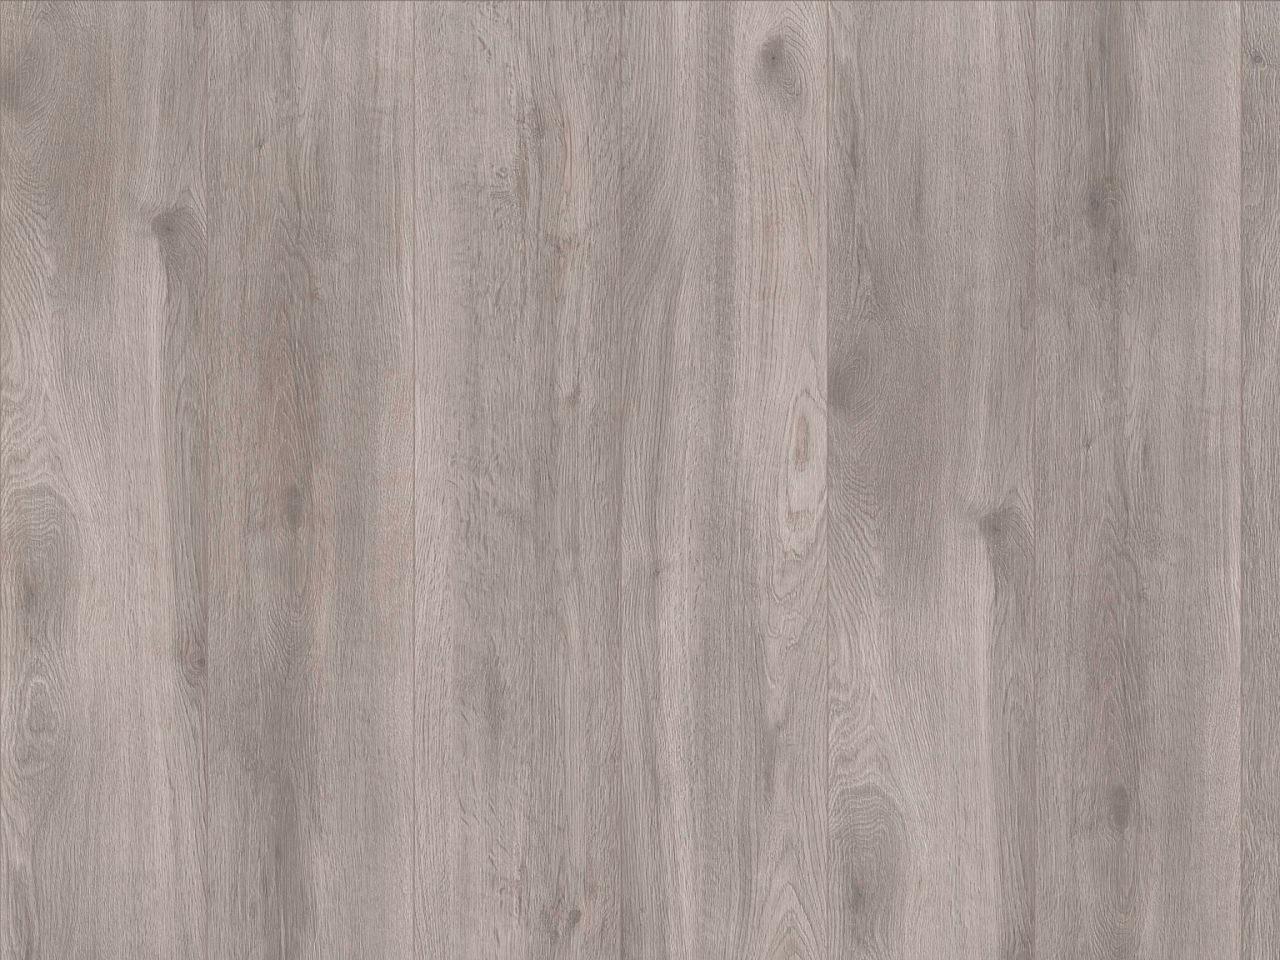 Laminatboden Oak Gallery Format L – Glossy Oak grey, LV4183